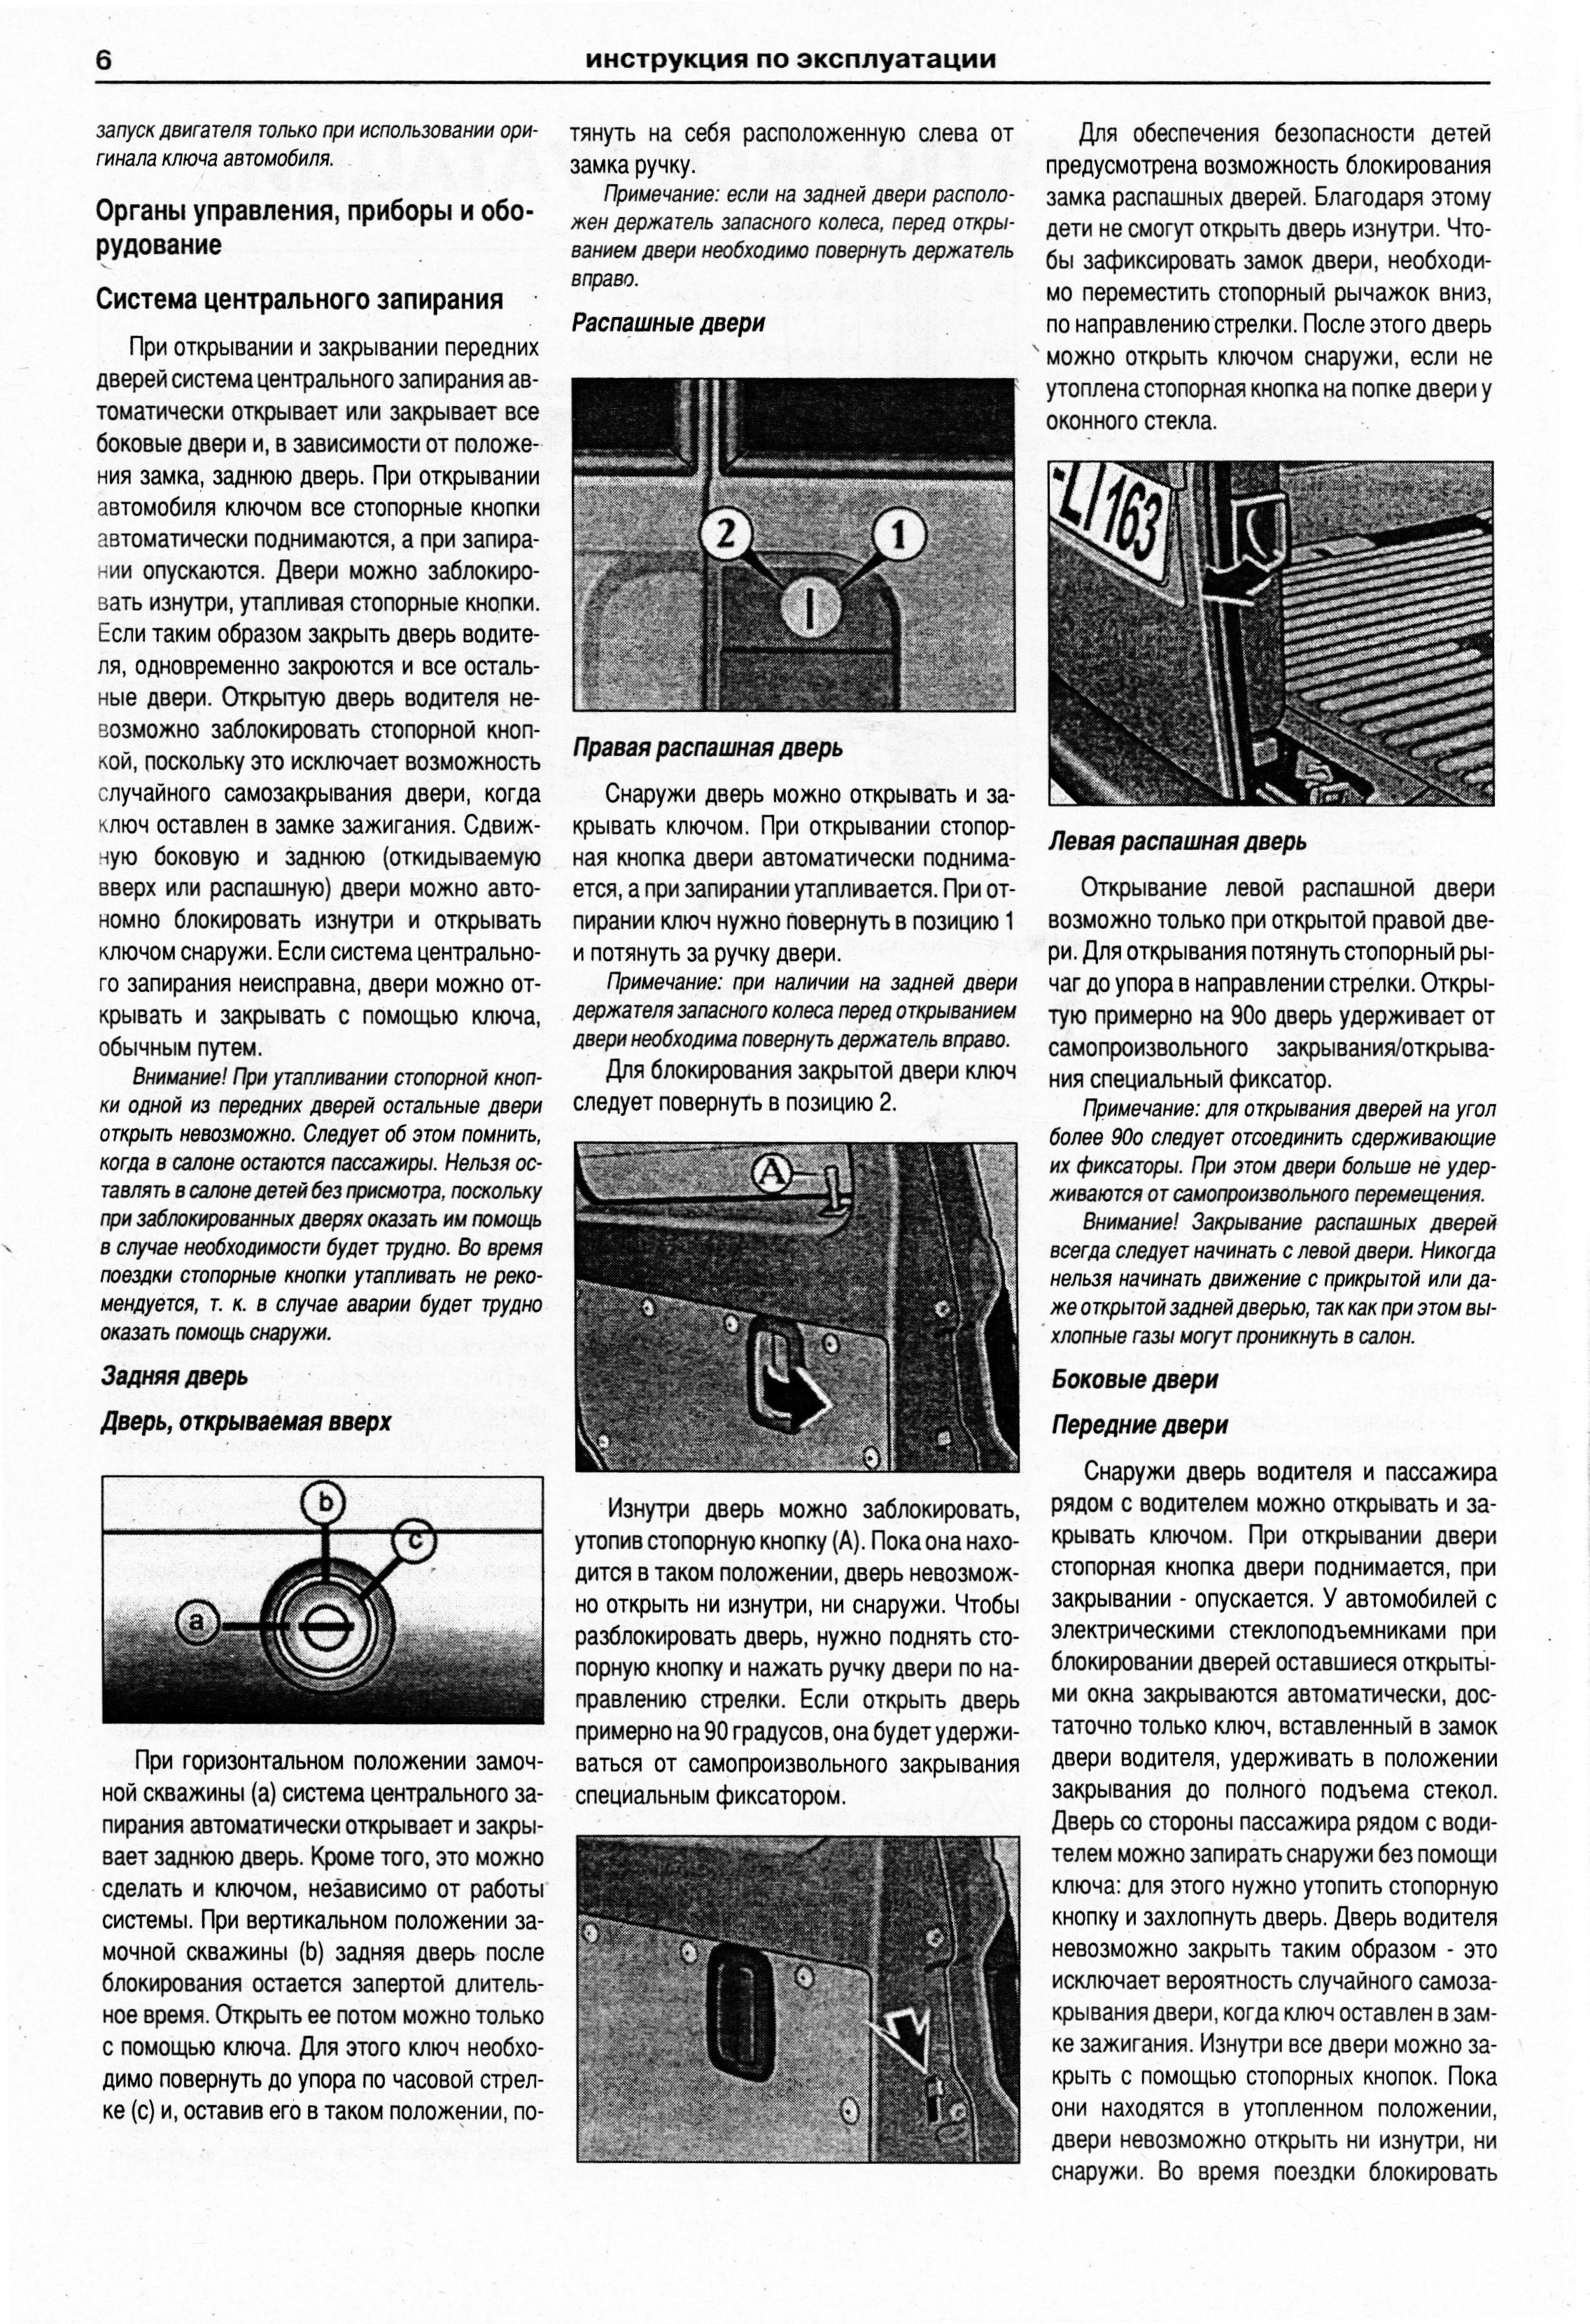 Инструкция К Фольксваген Пассат 1992 Года Цена